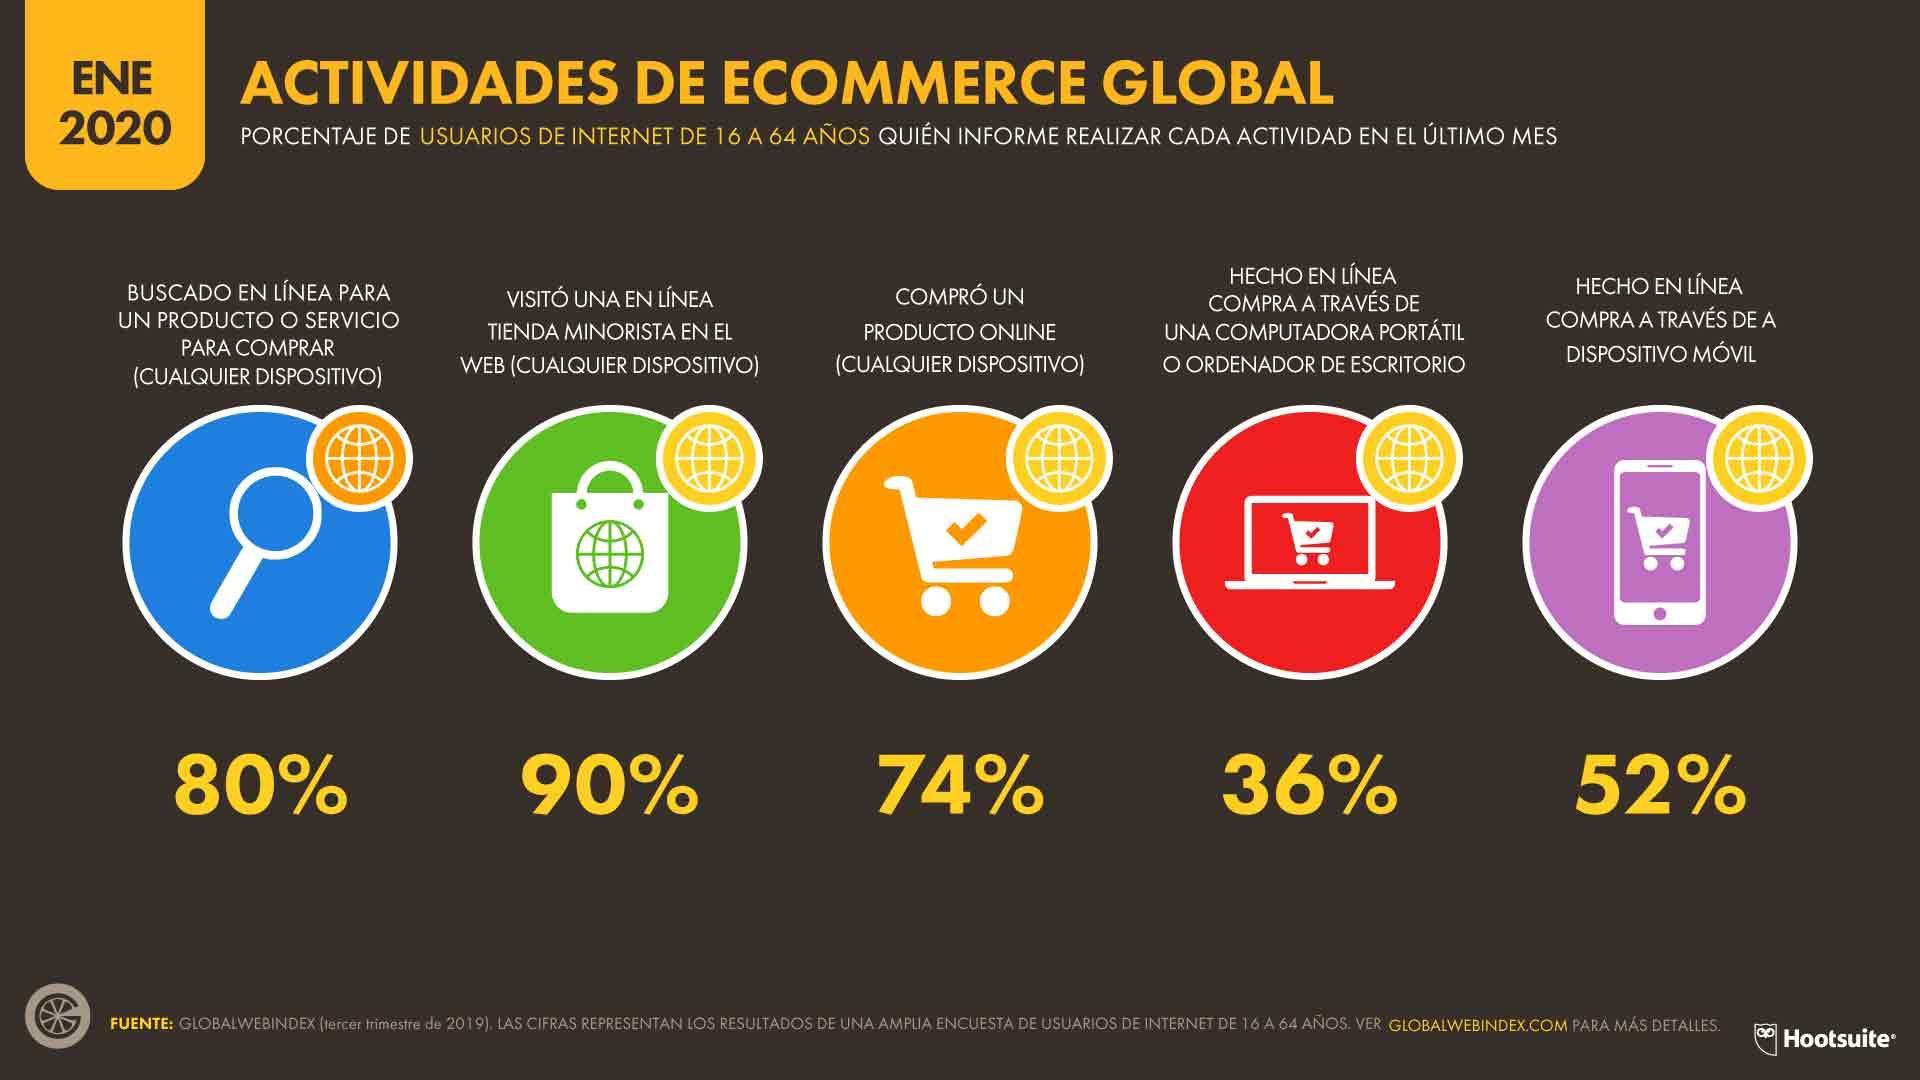 ACTIVIDADES DE ECOMMERCE GLOBAL